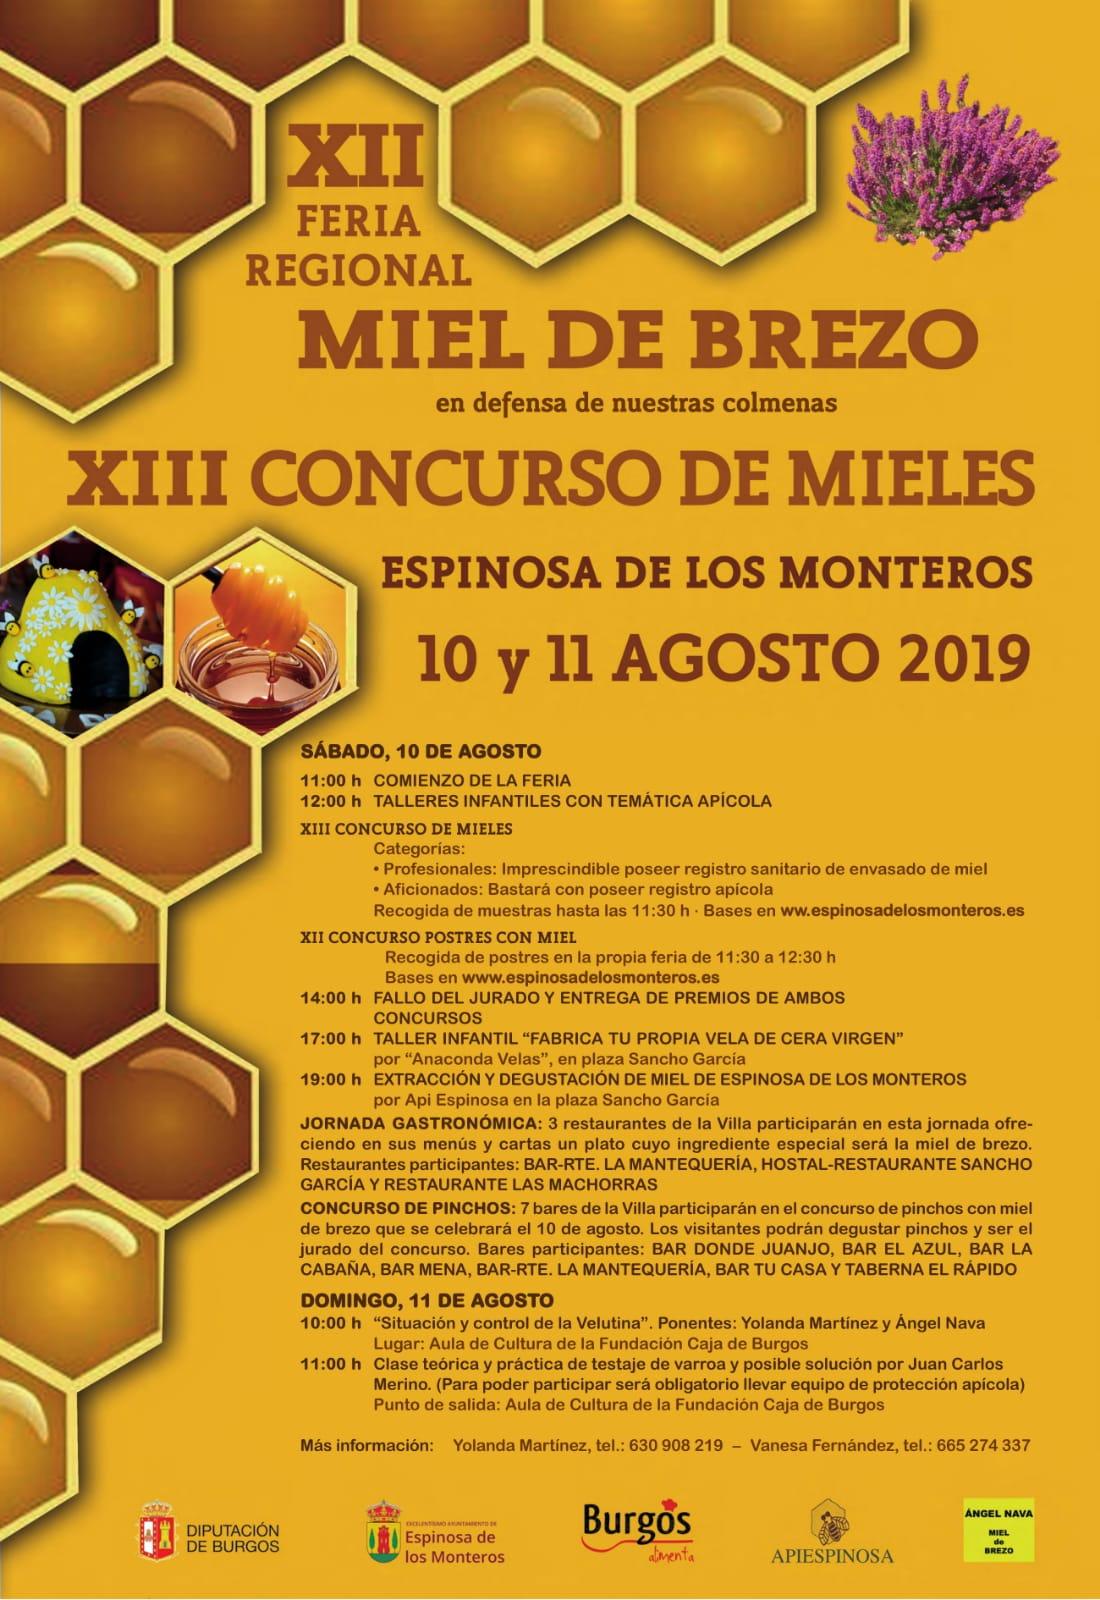 2019 miel brexo espinosa